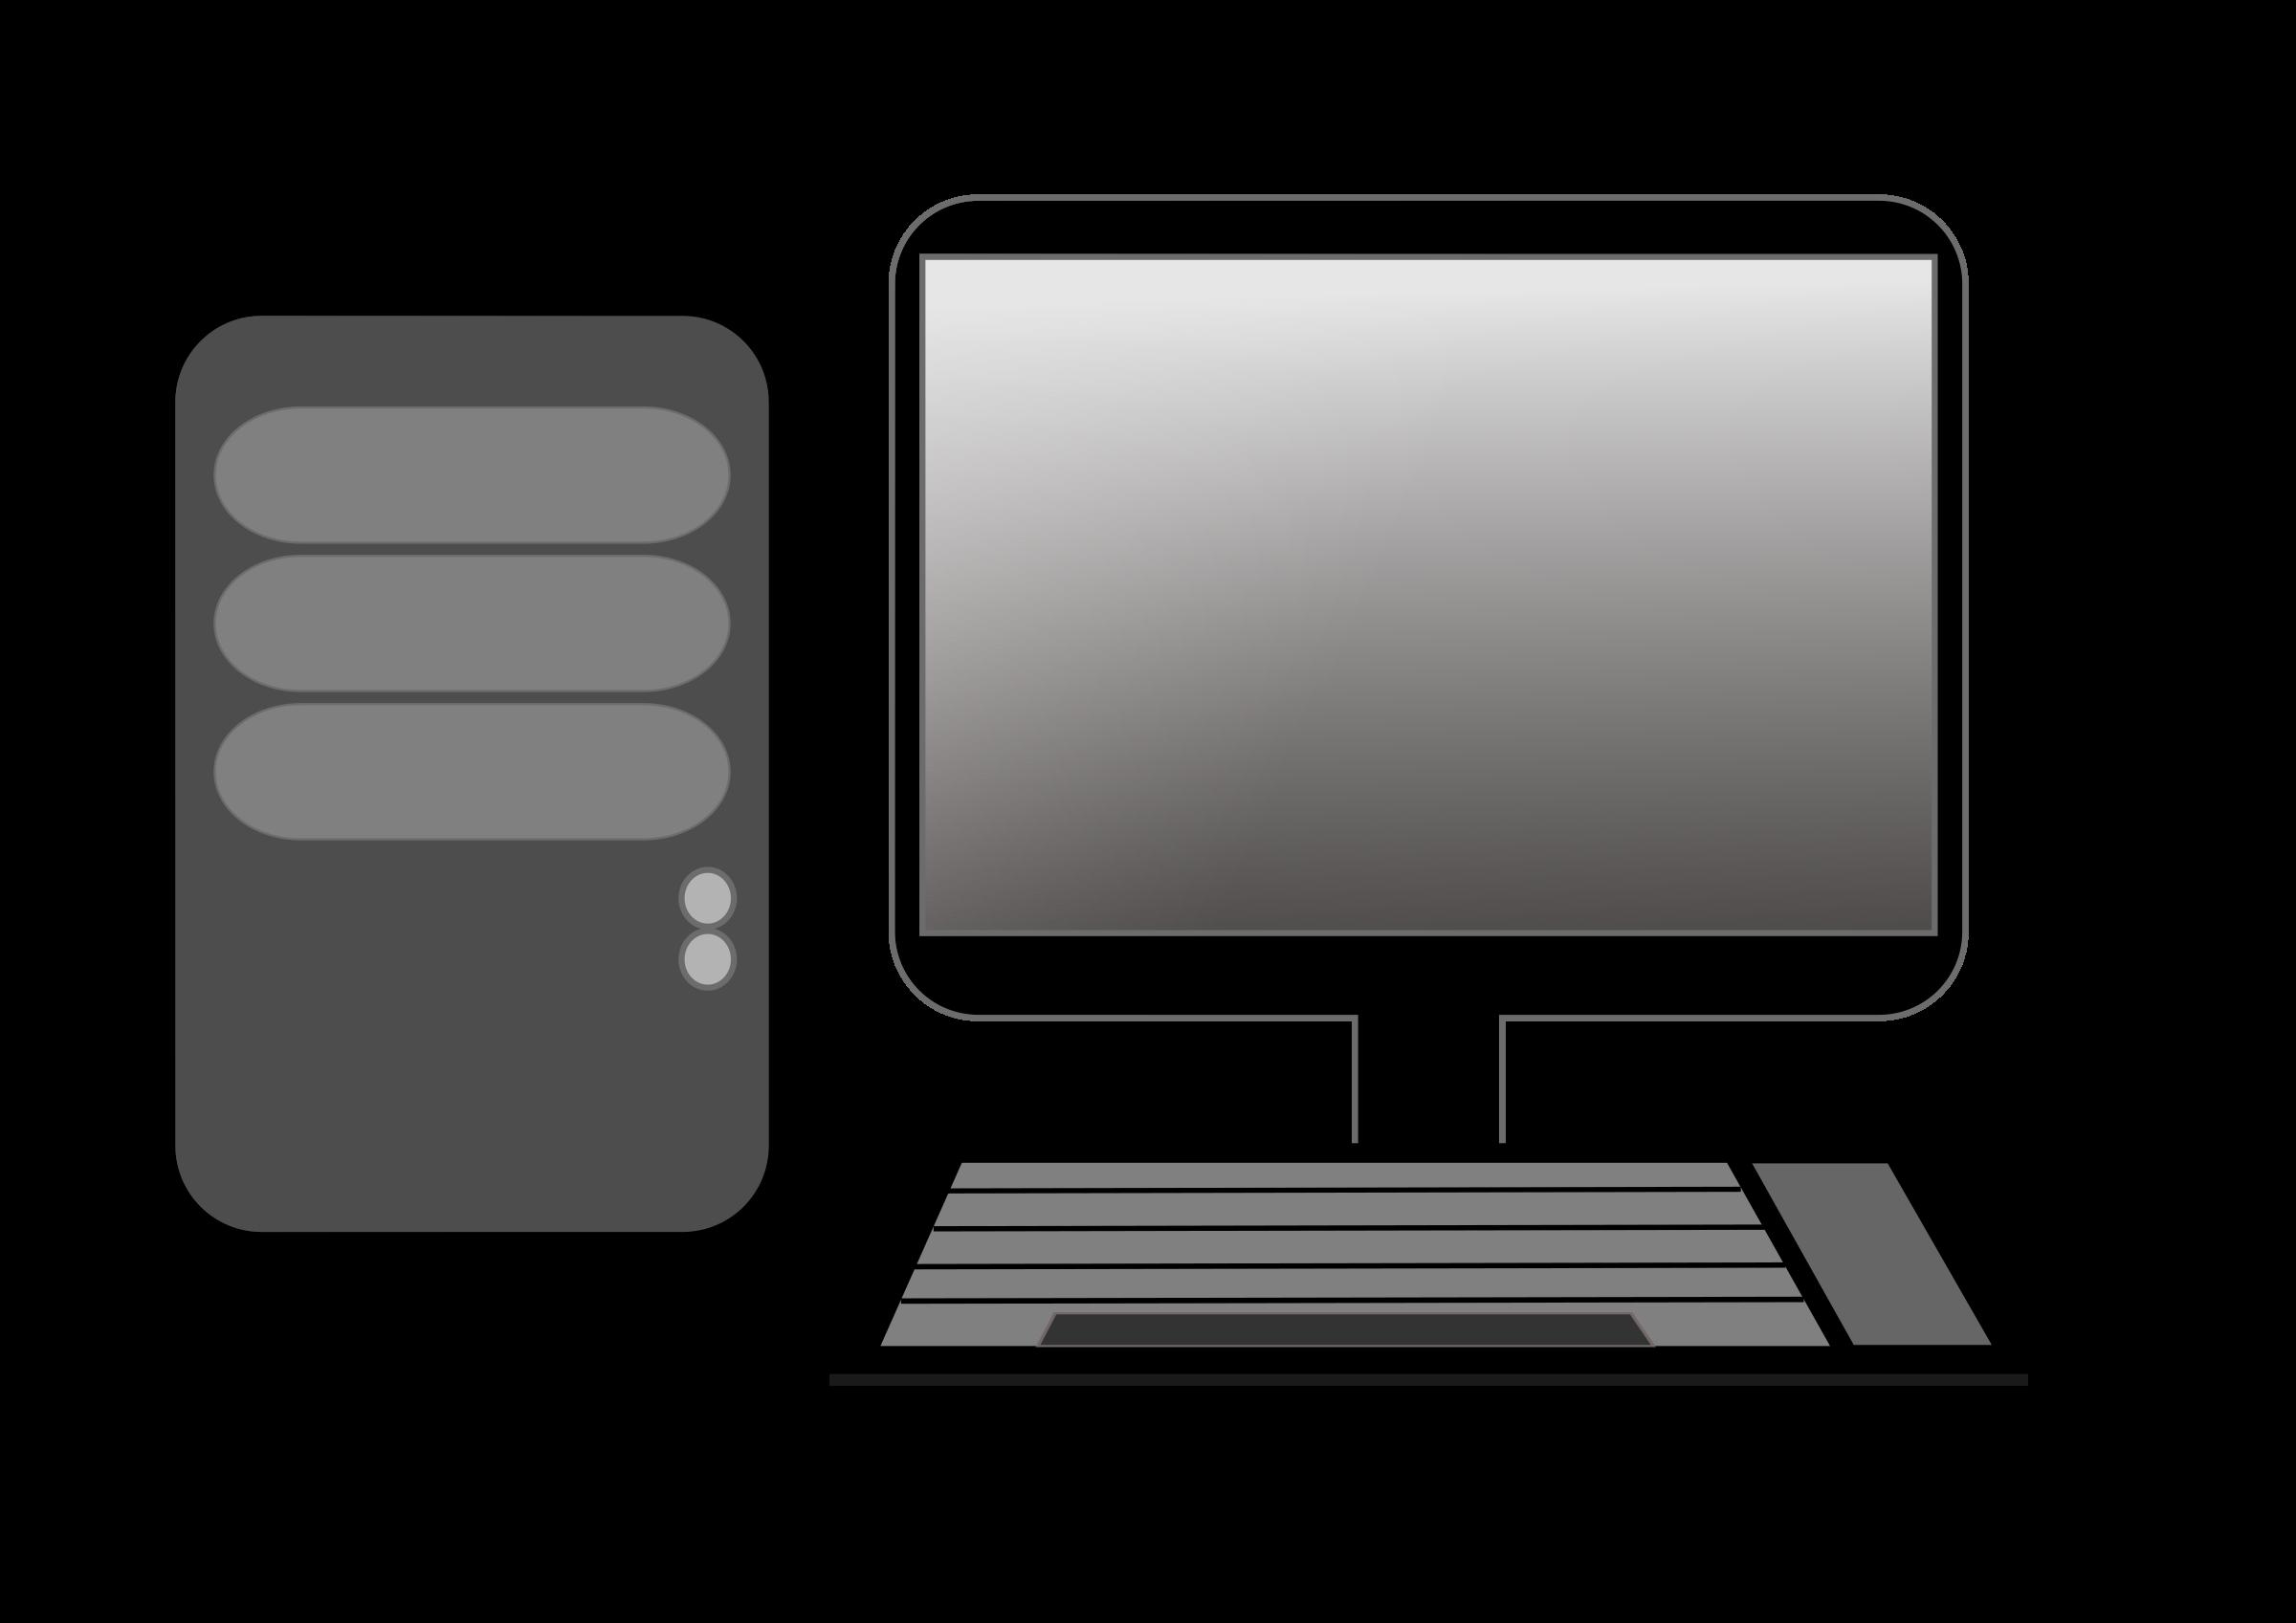 Laptop desktop computers.